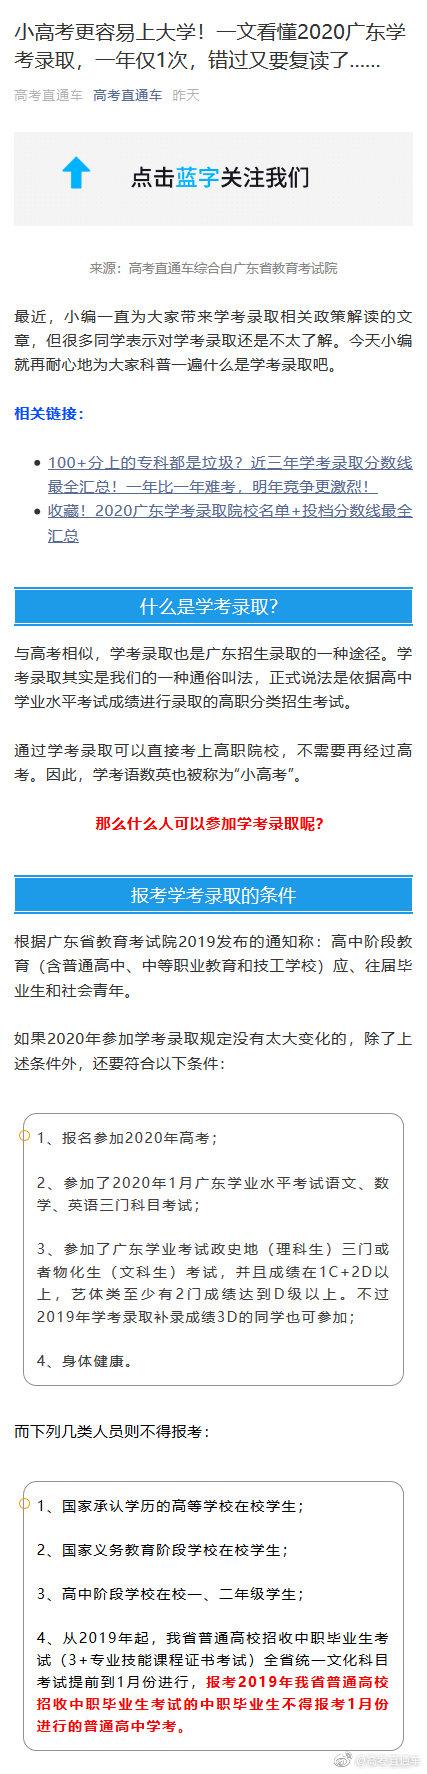 一文教你看懂2020广东学考录取